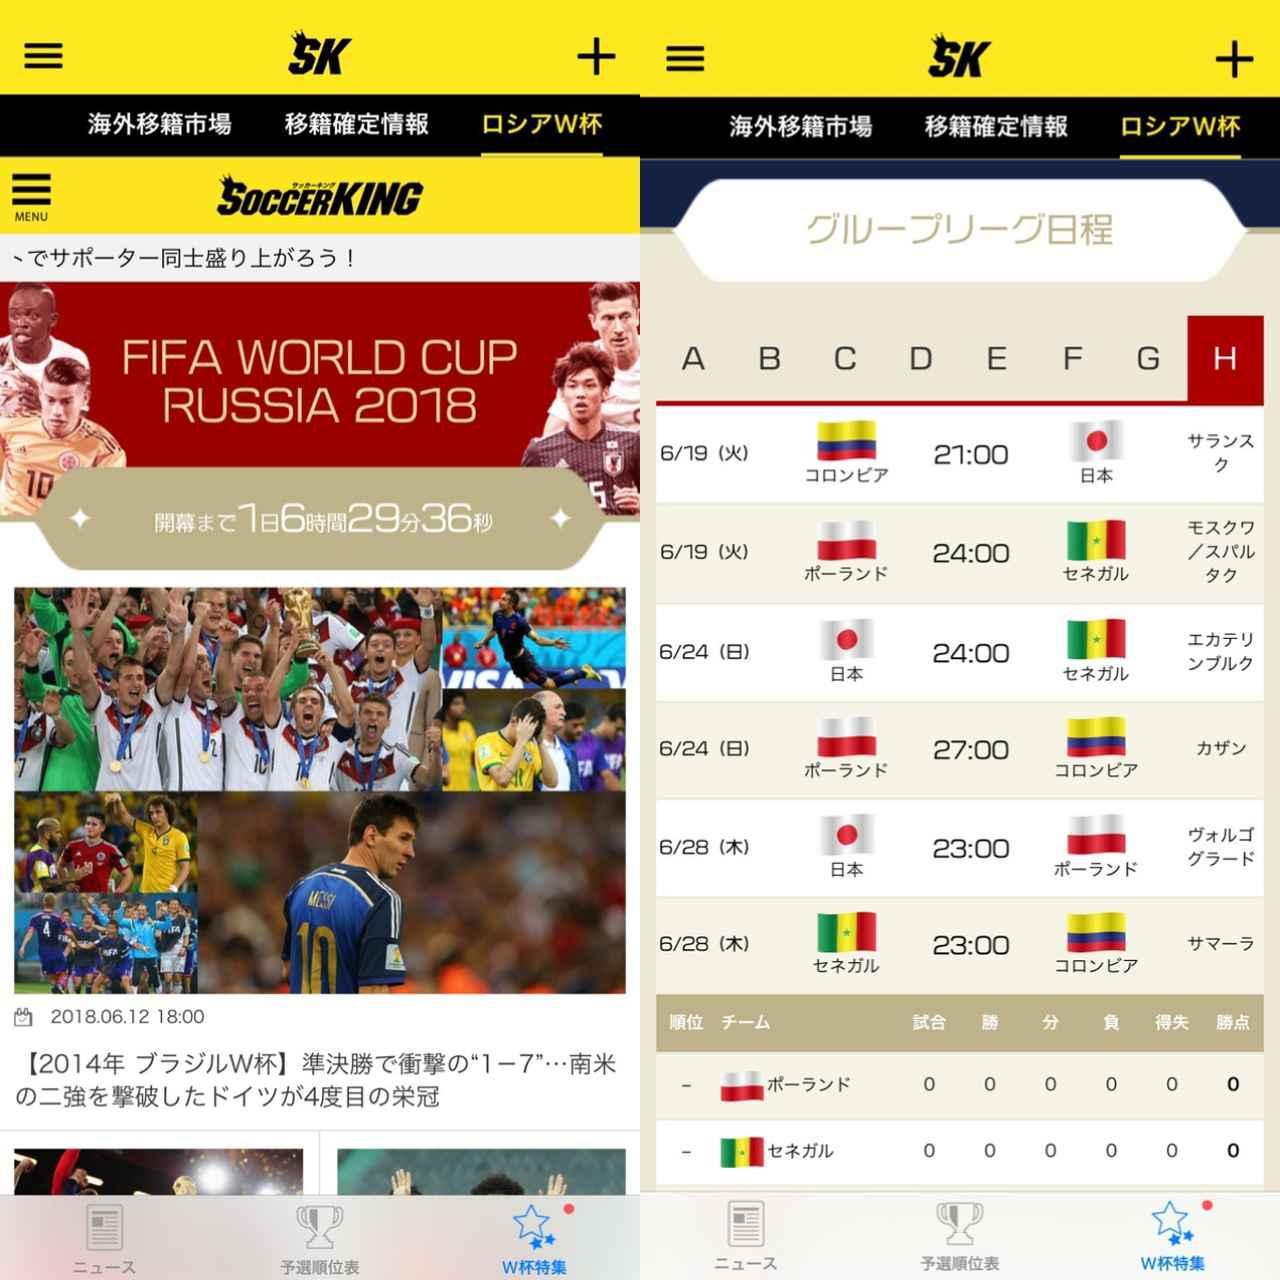 画像2: 日本代表だけでなくワールドカップ全体を楽しみたいなら『サッカーキング / 国内外のサッカーニュース・コラムをお届け』